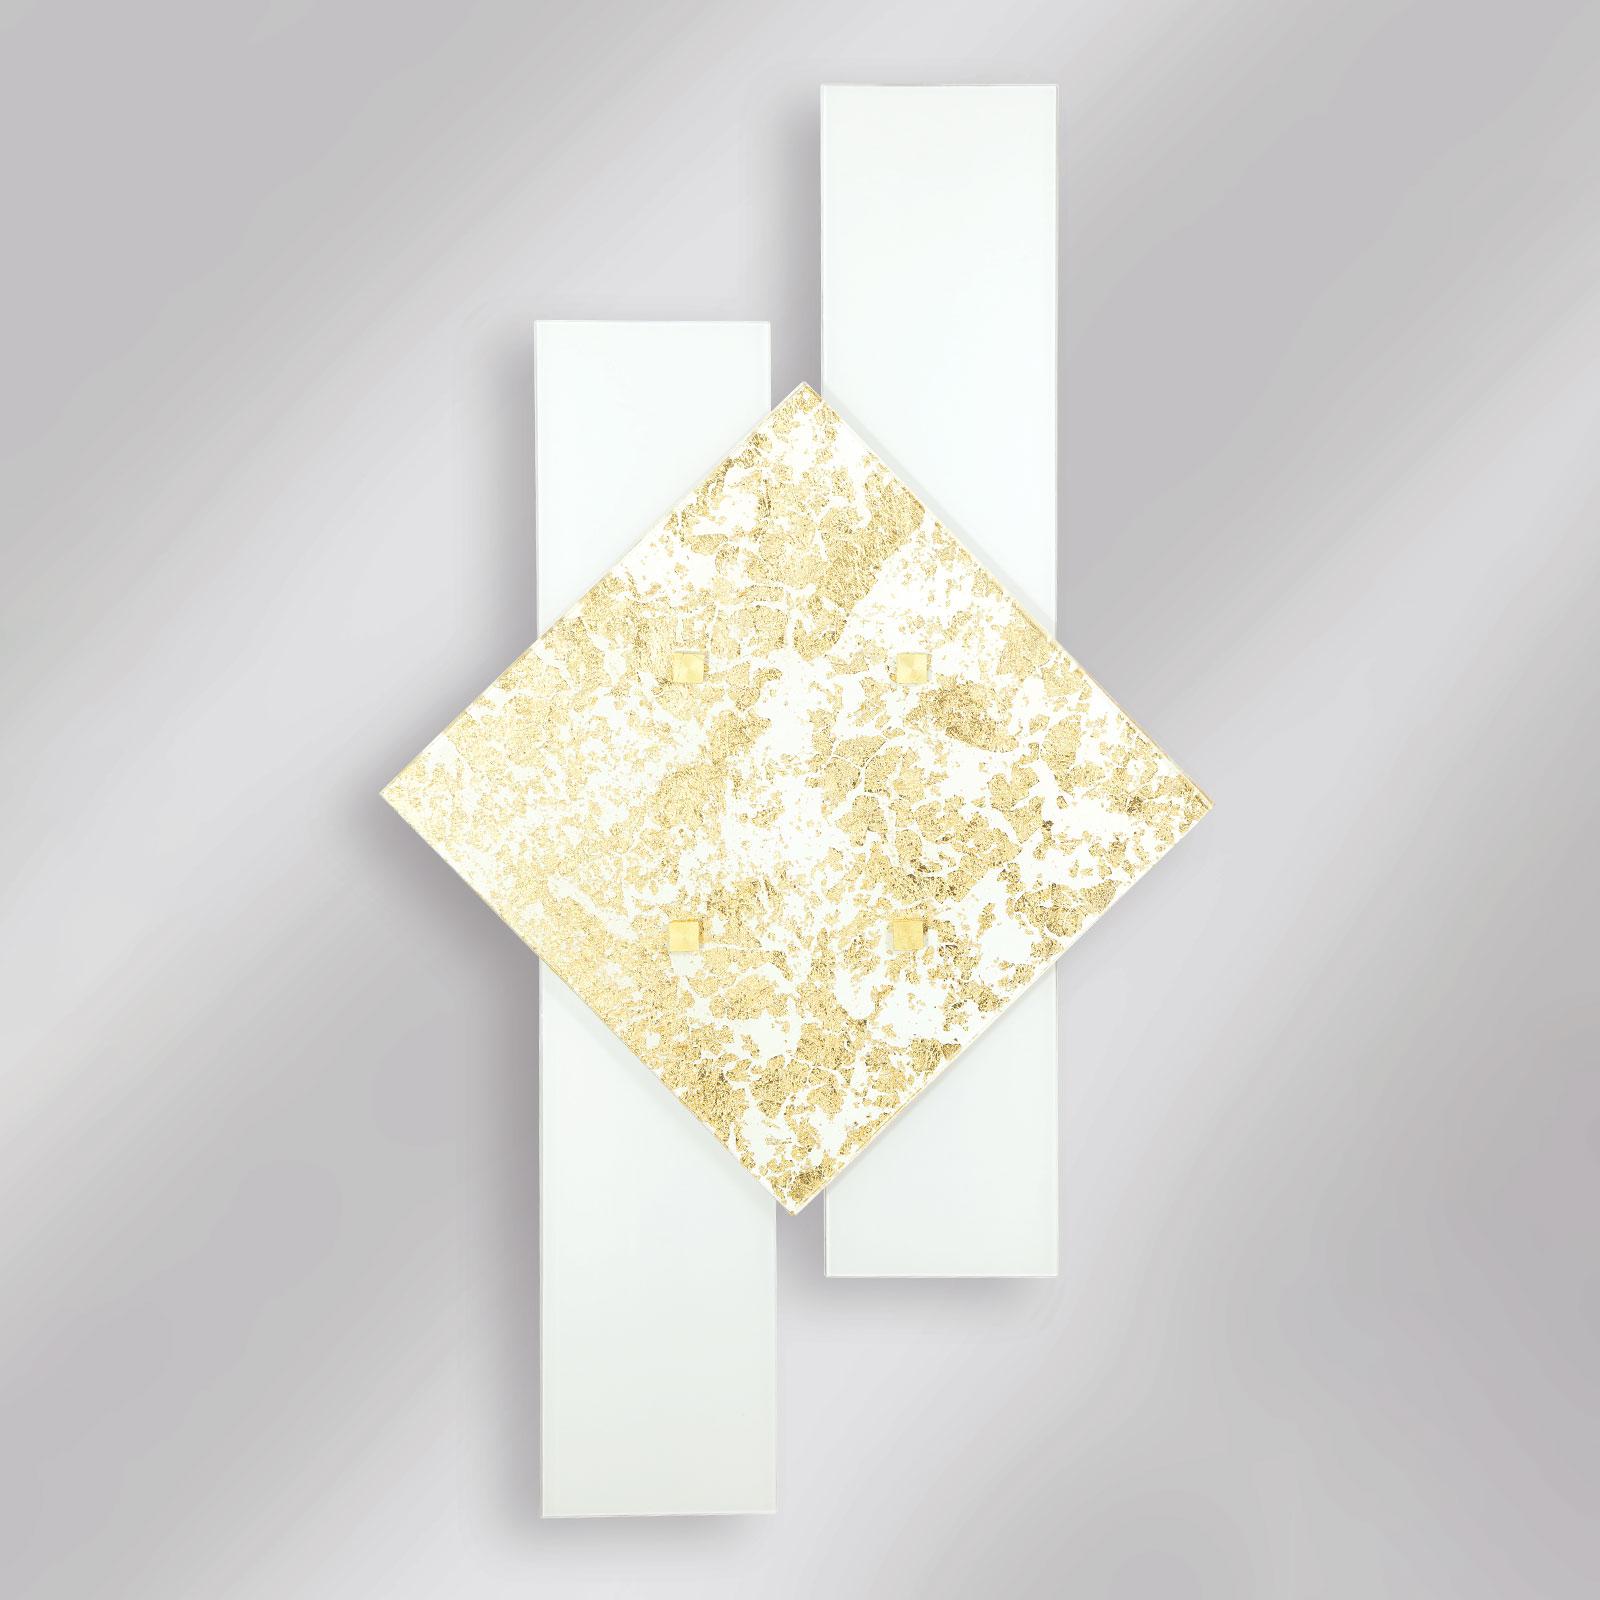 Lampa sufitowa Bandiera GD 0009/PL90, złoto 90 cm